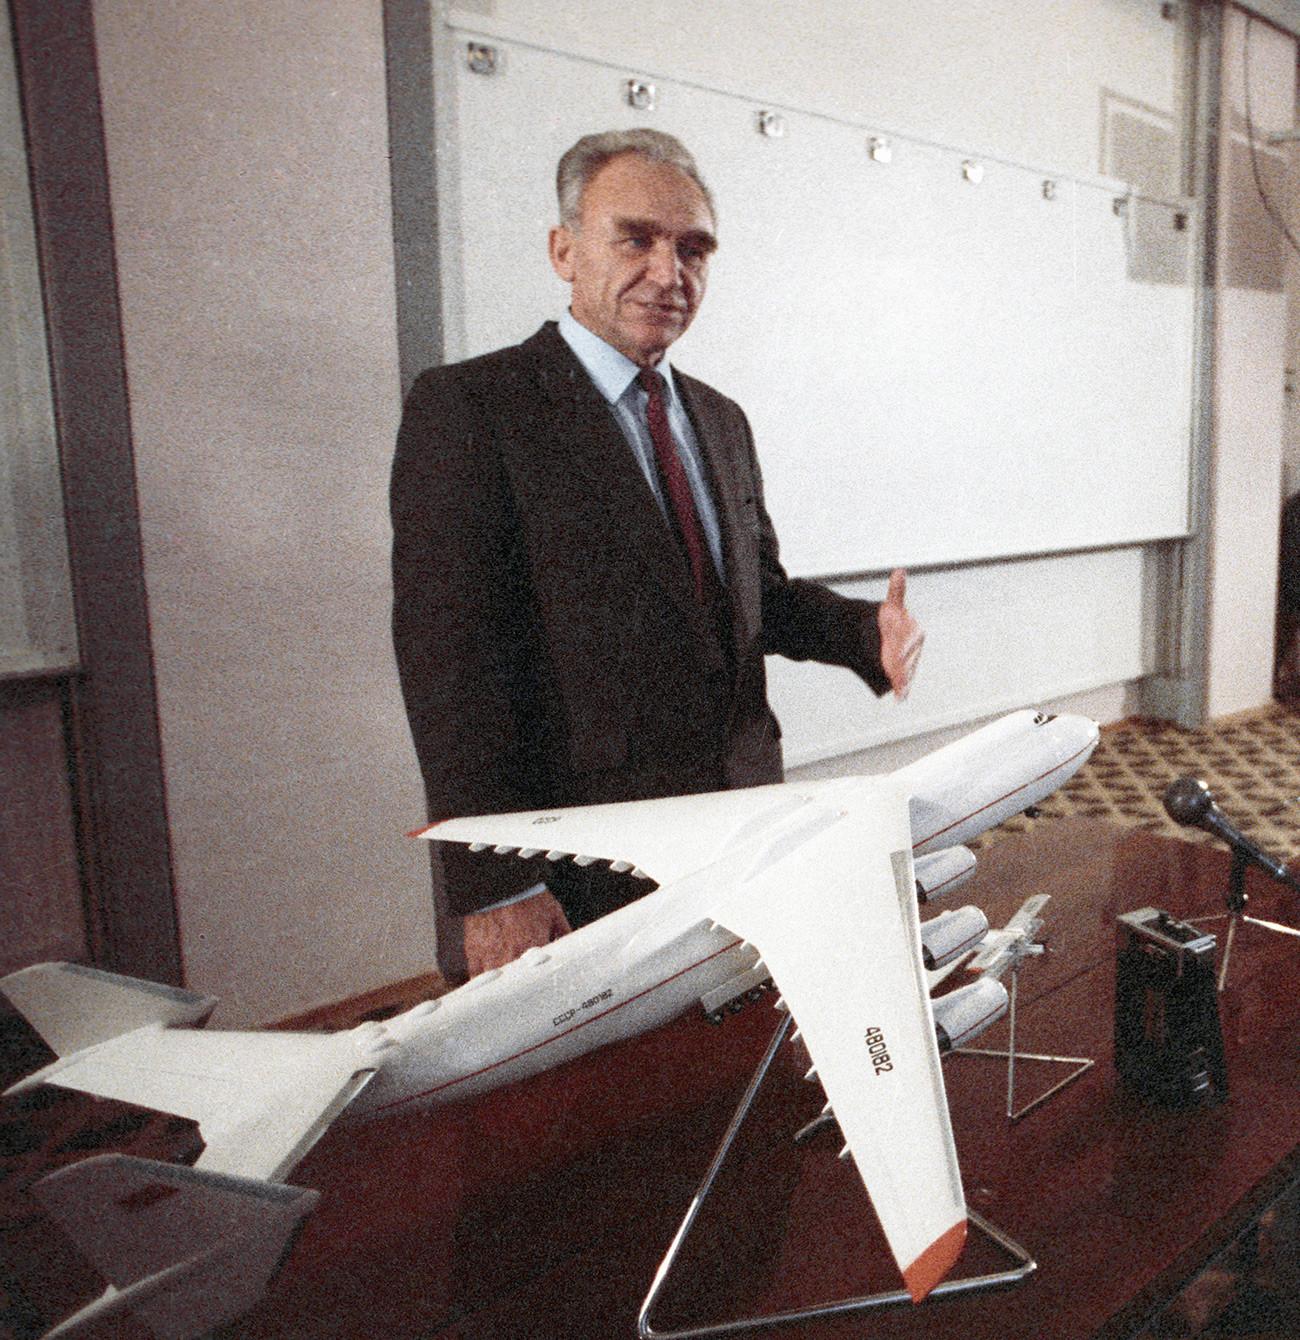 Generalni konstruktor, heroj socijalističkog rada Petar Balabujev s modelom novog superteškog transportnog aviona AN-225